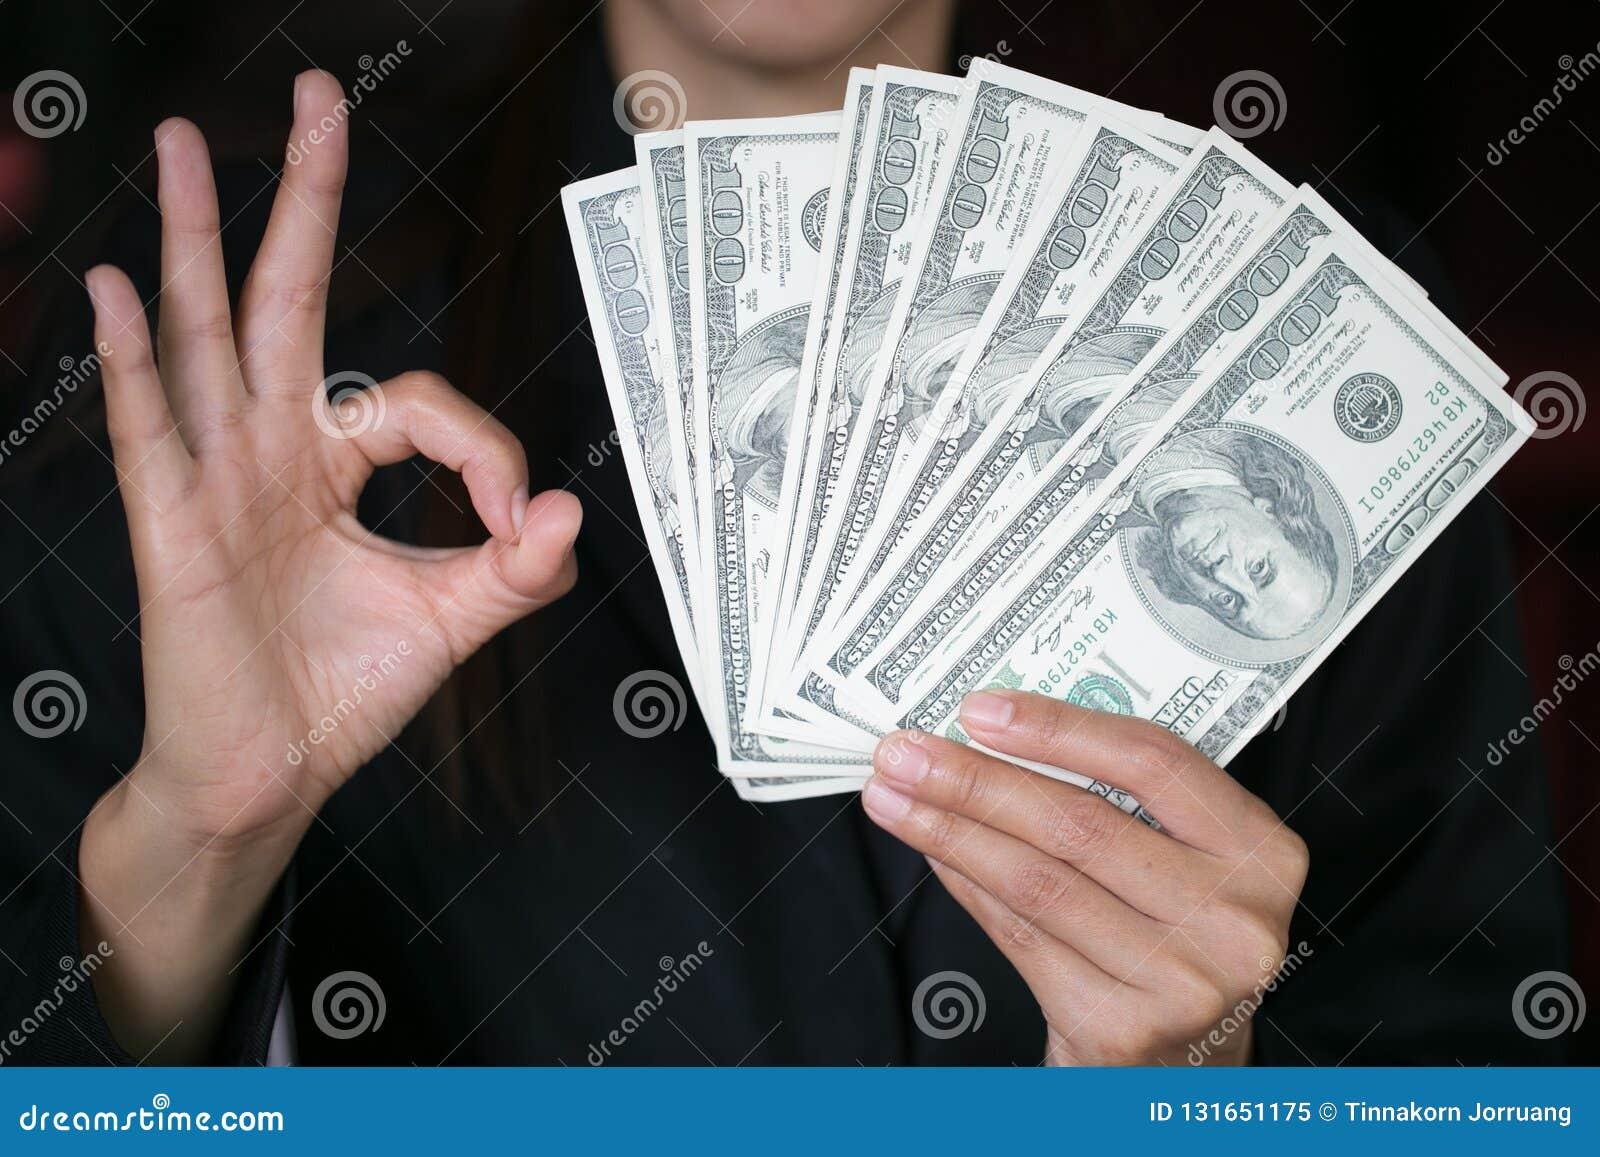 Бизнес-леди показывая распространение кассовых излишков, денег траты или выгоды от концепции коммерческих деятельностей